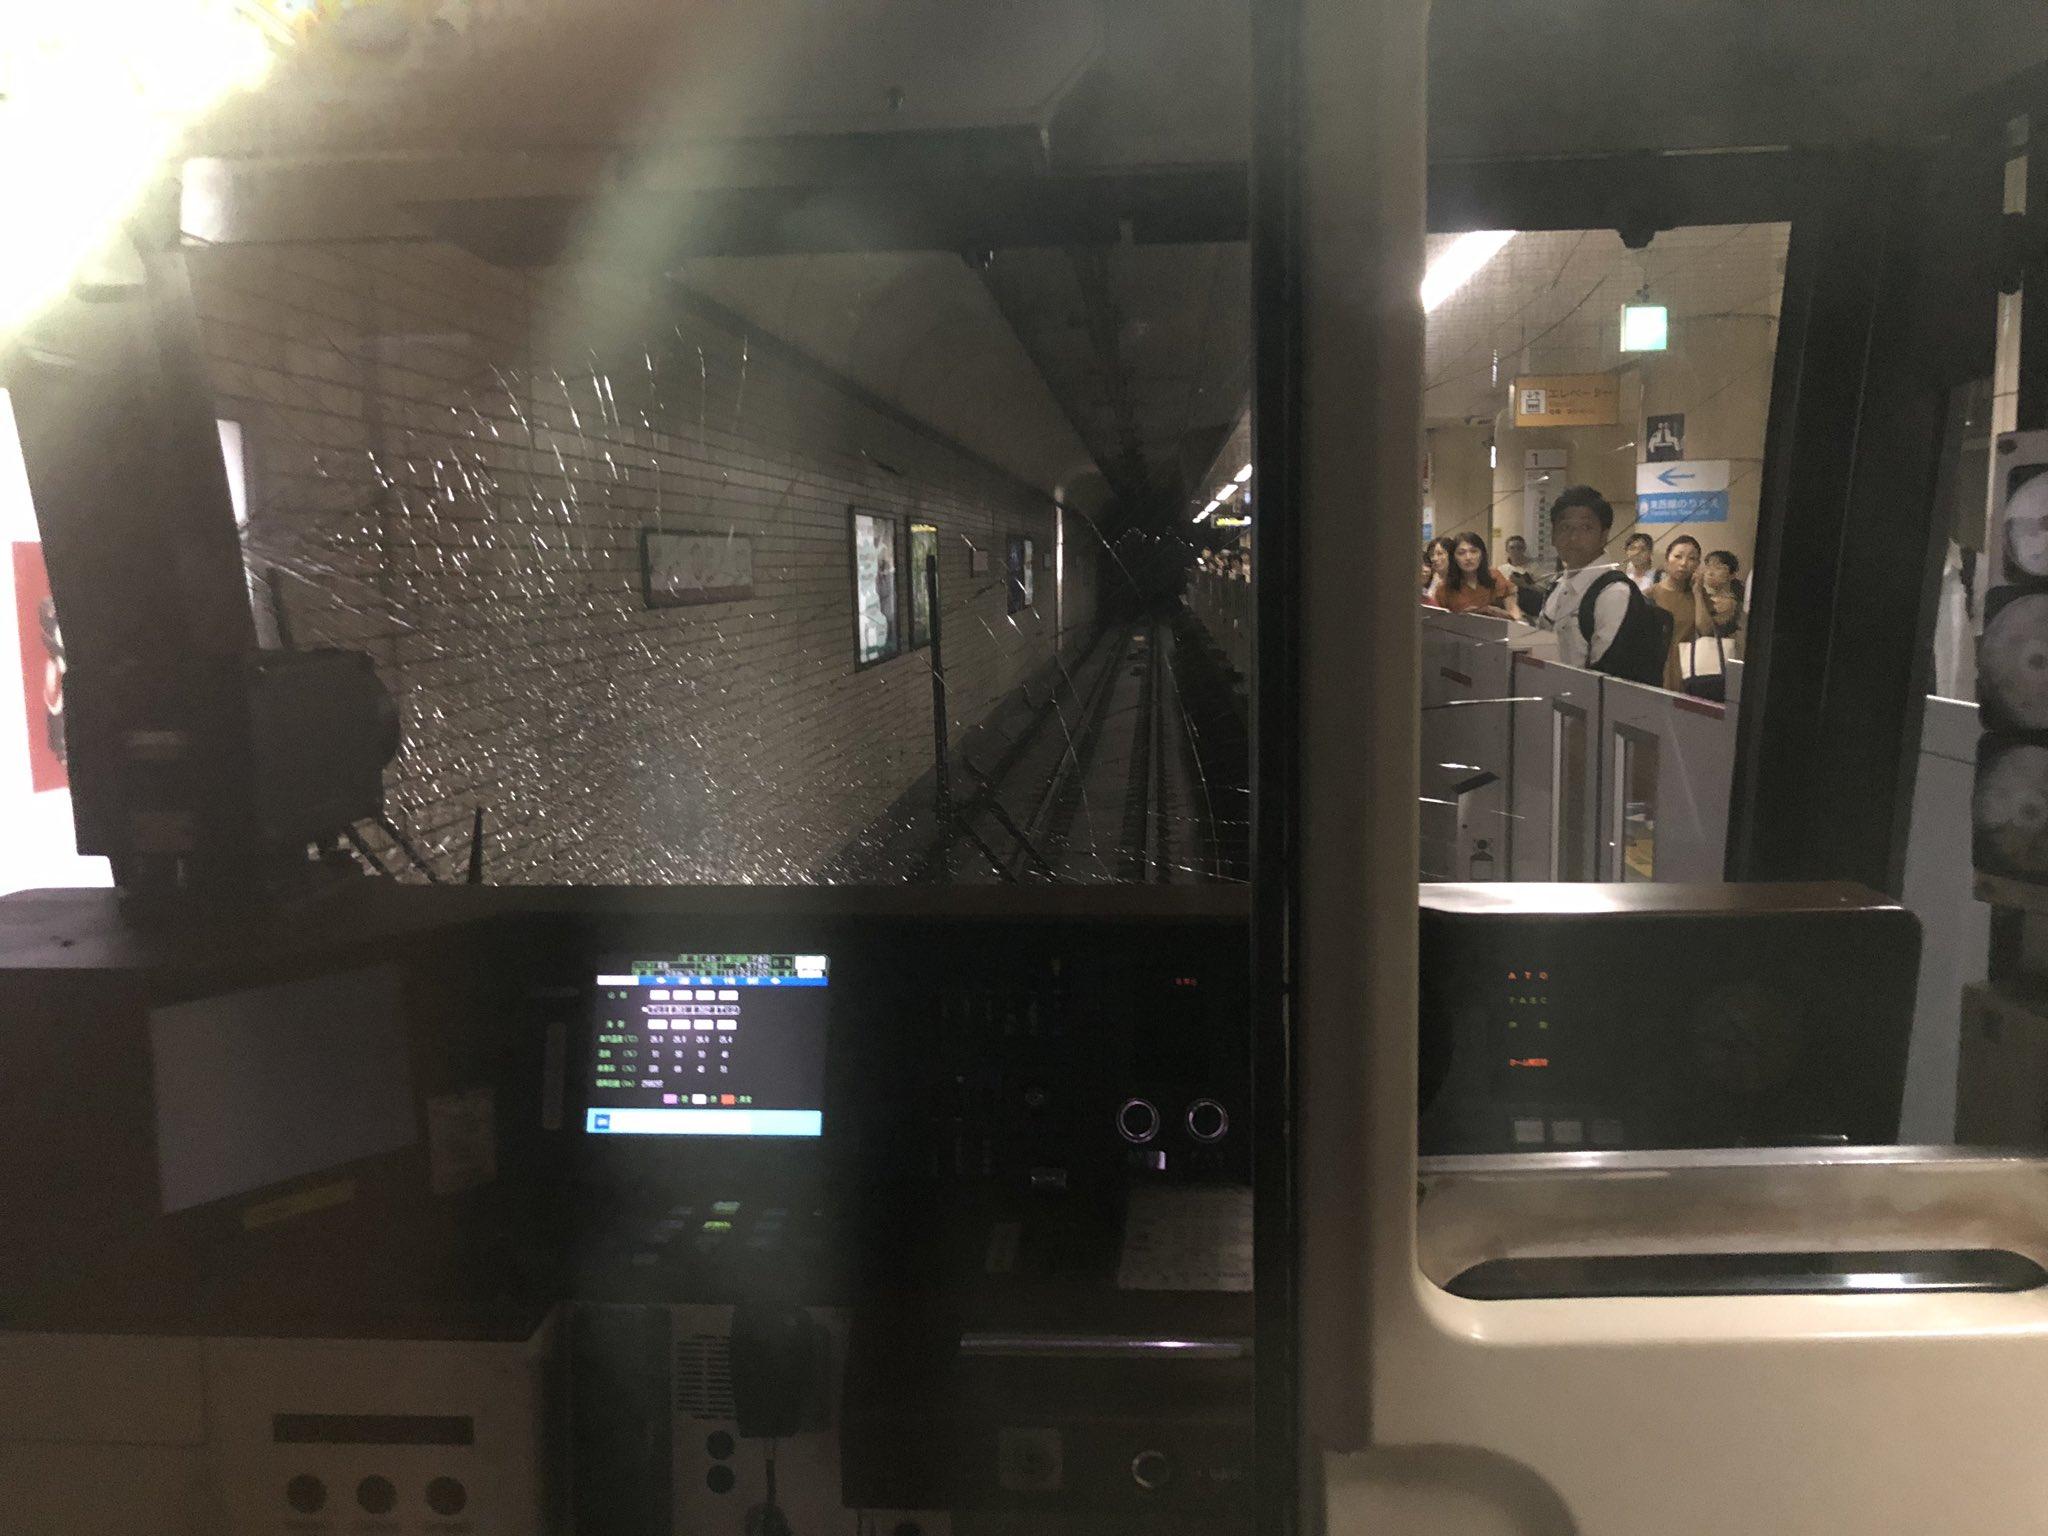 地下鉄南北線の仙台駅で飛び込み自殺の人身事故が起きフロントガラスが割れている現場画像